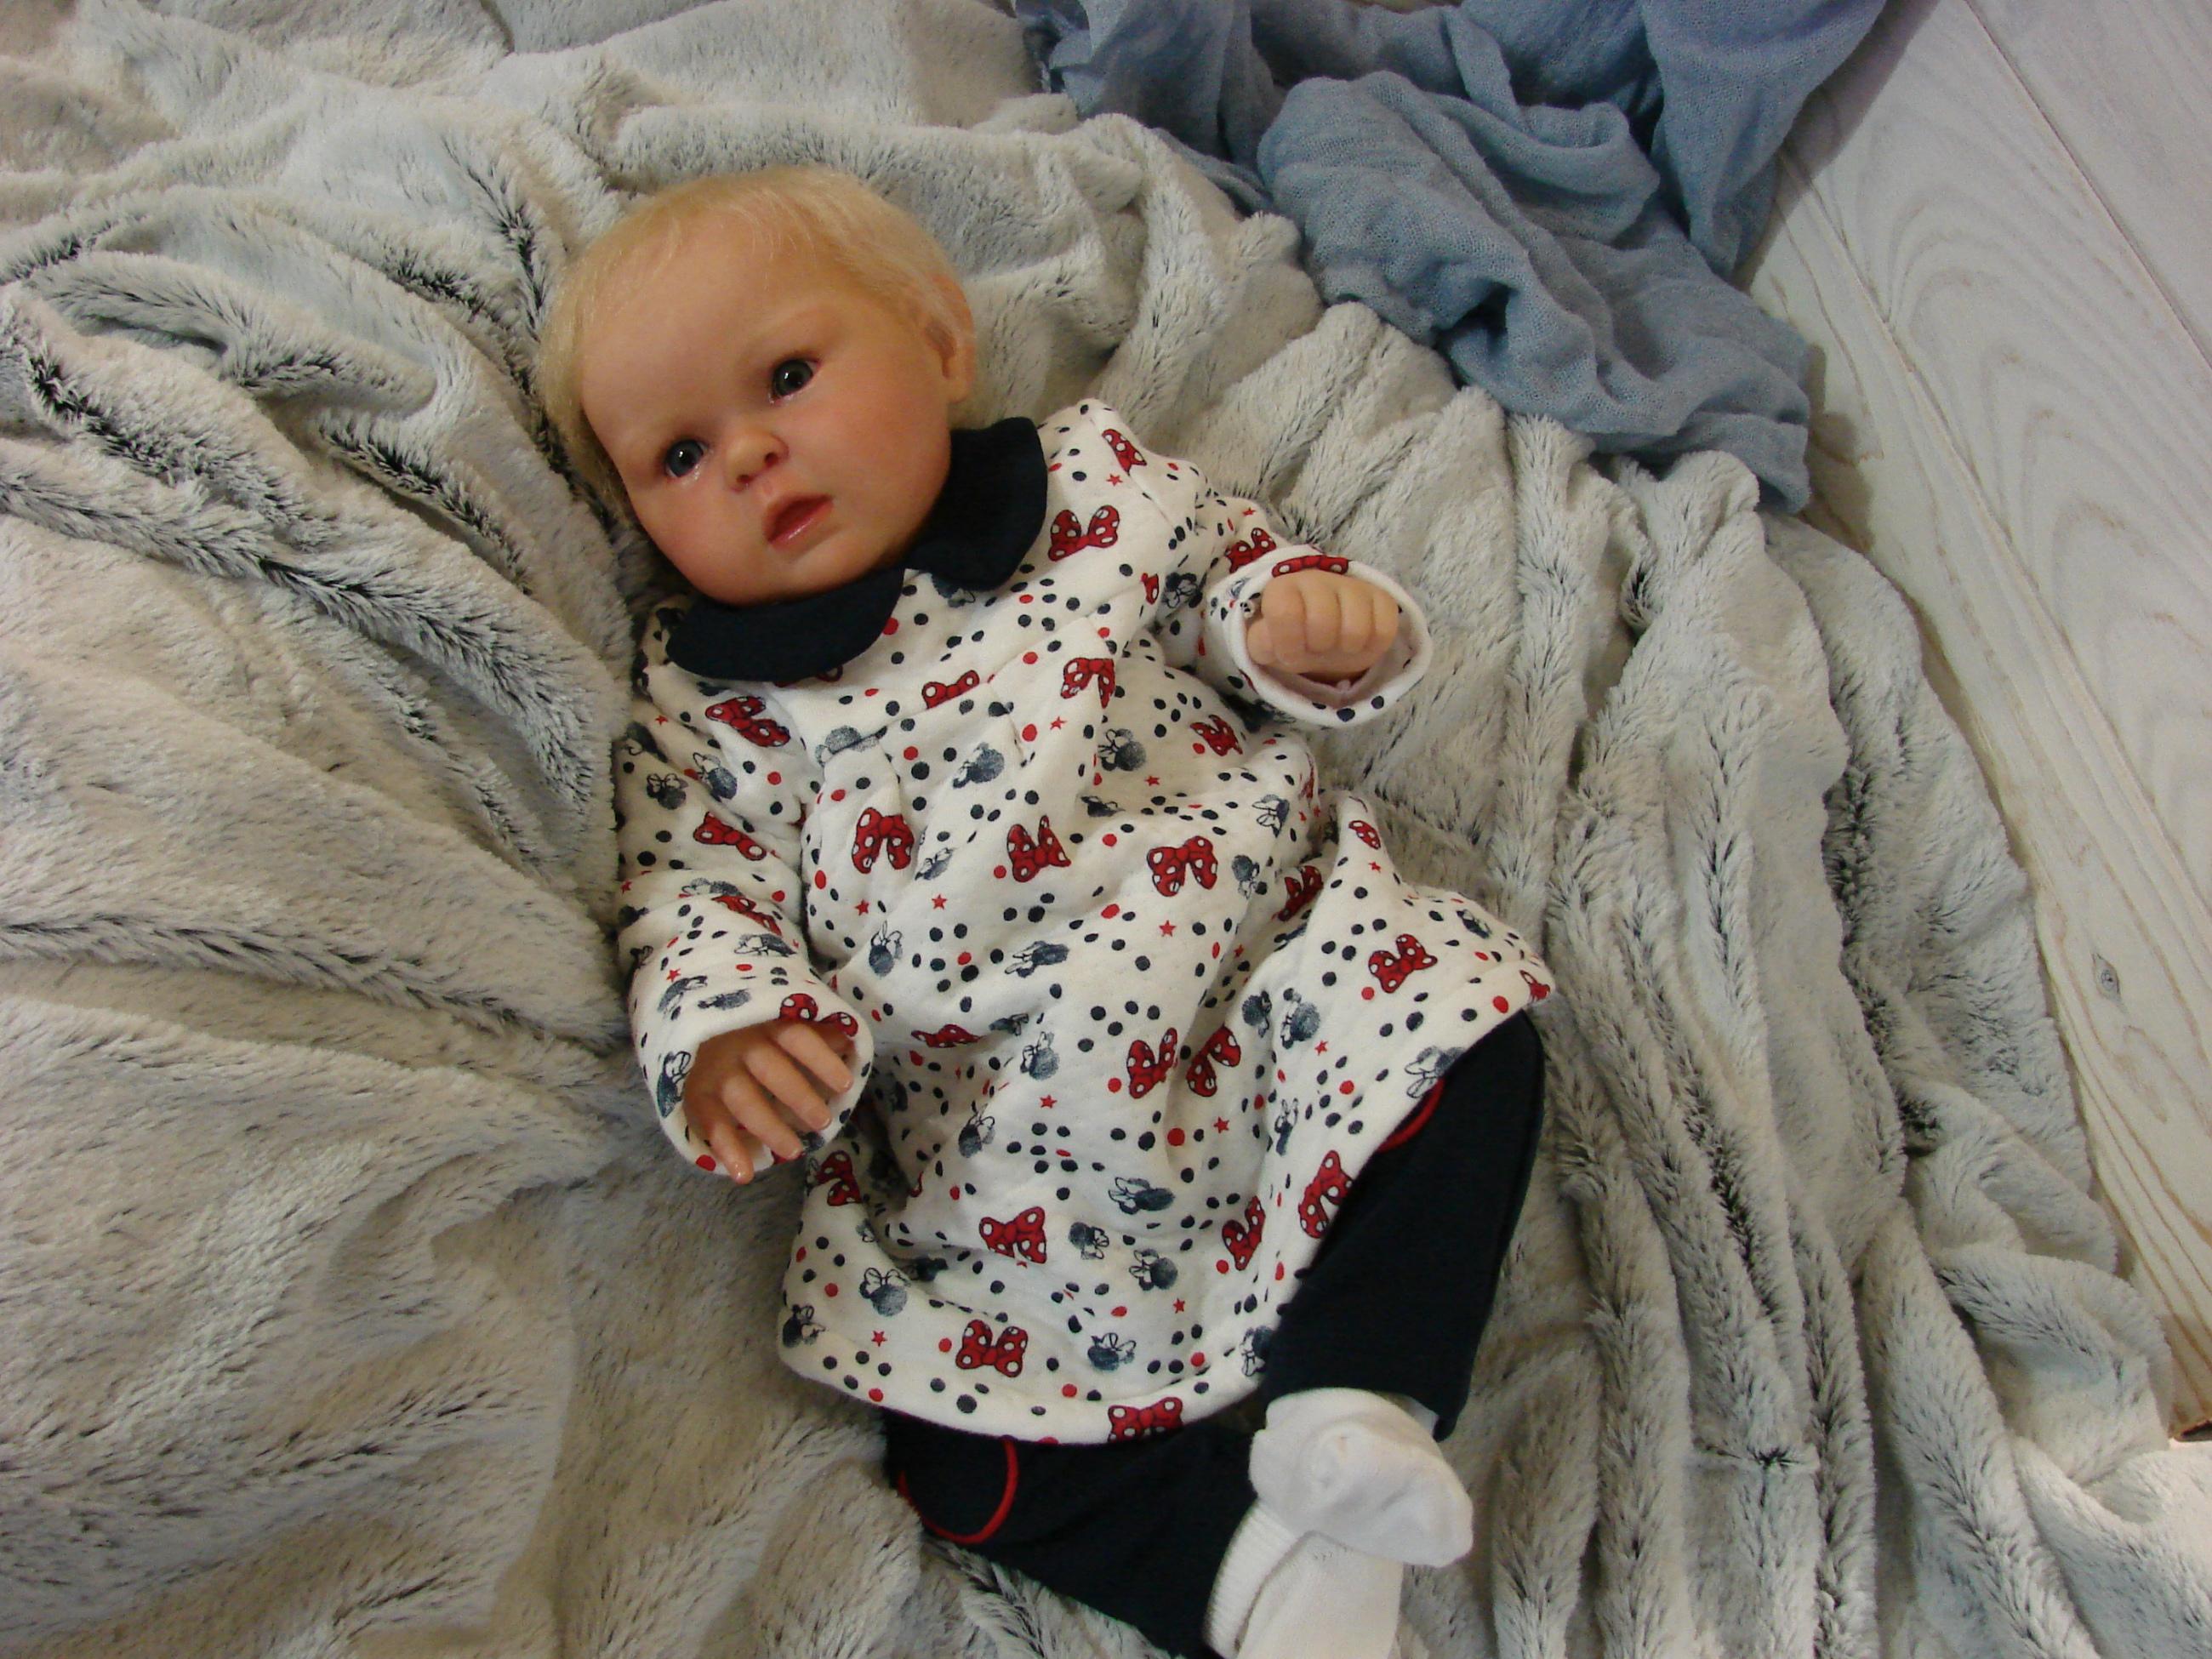 bébé reborn,loiret,45,bébé reborn filles,bébé reborn gaçons,nurserie,monde,